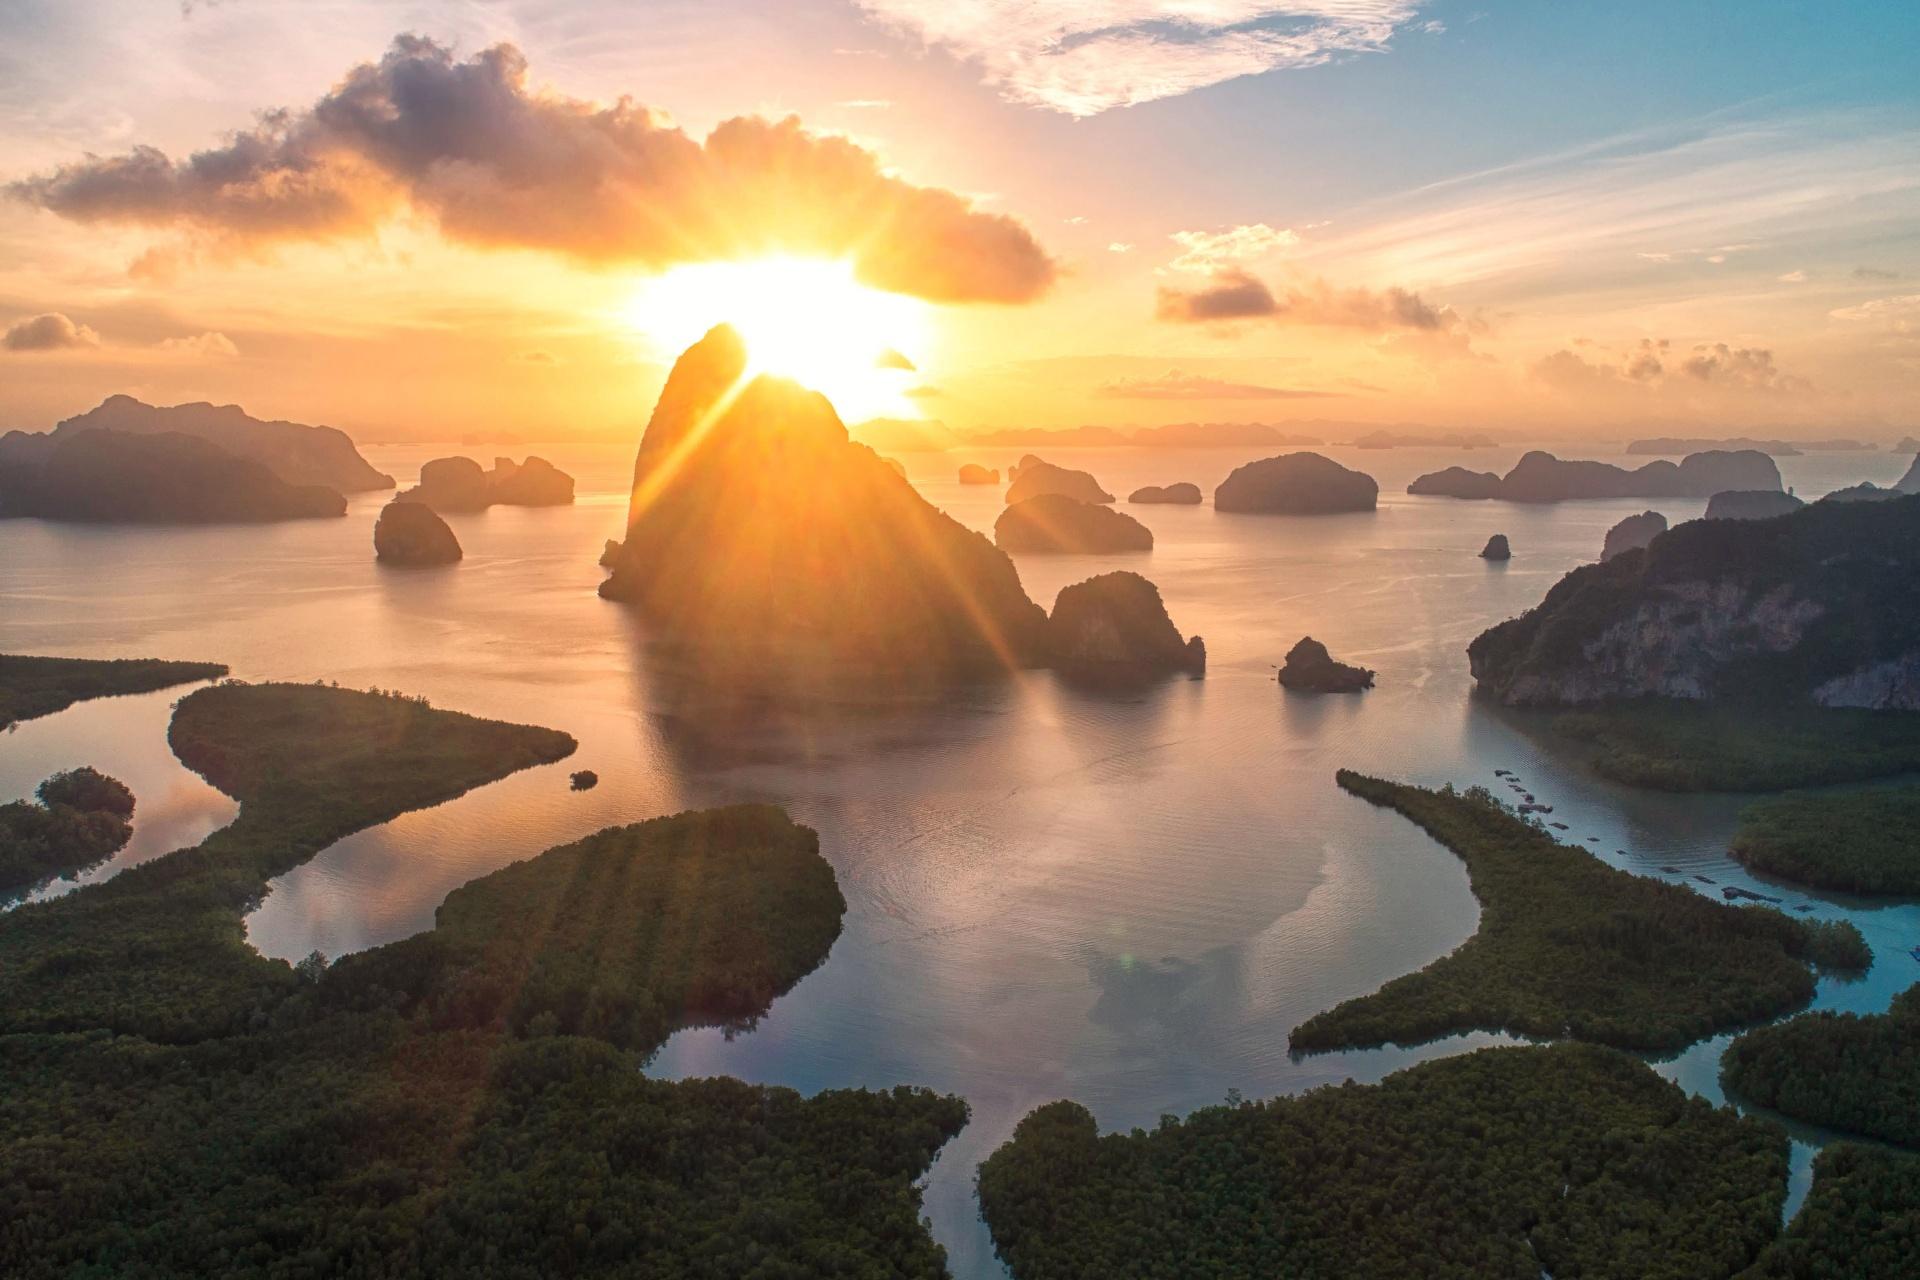 クラビの朝の風景 タイの風景